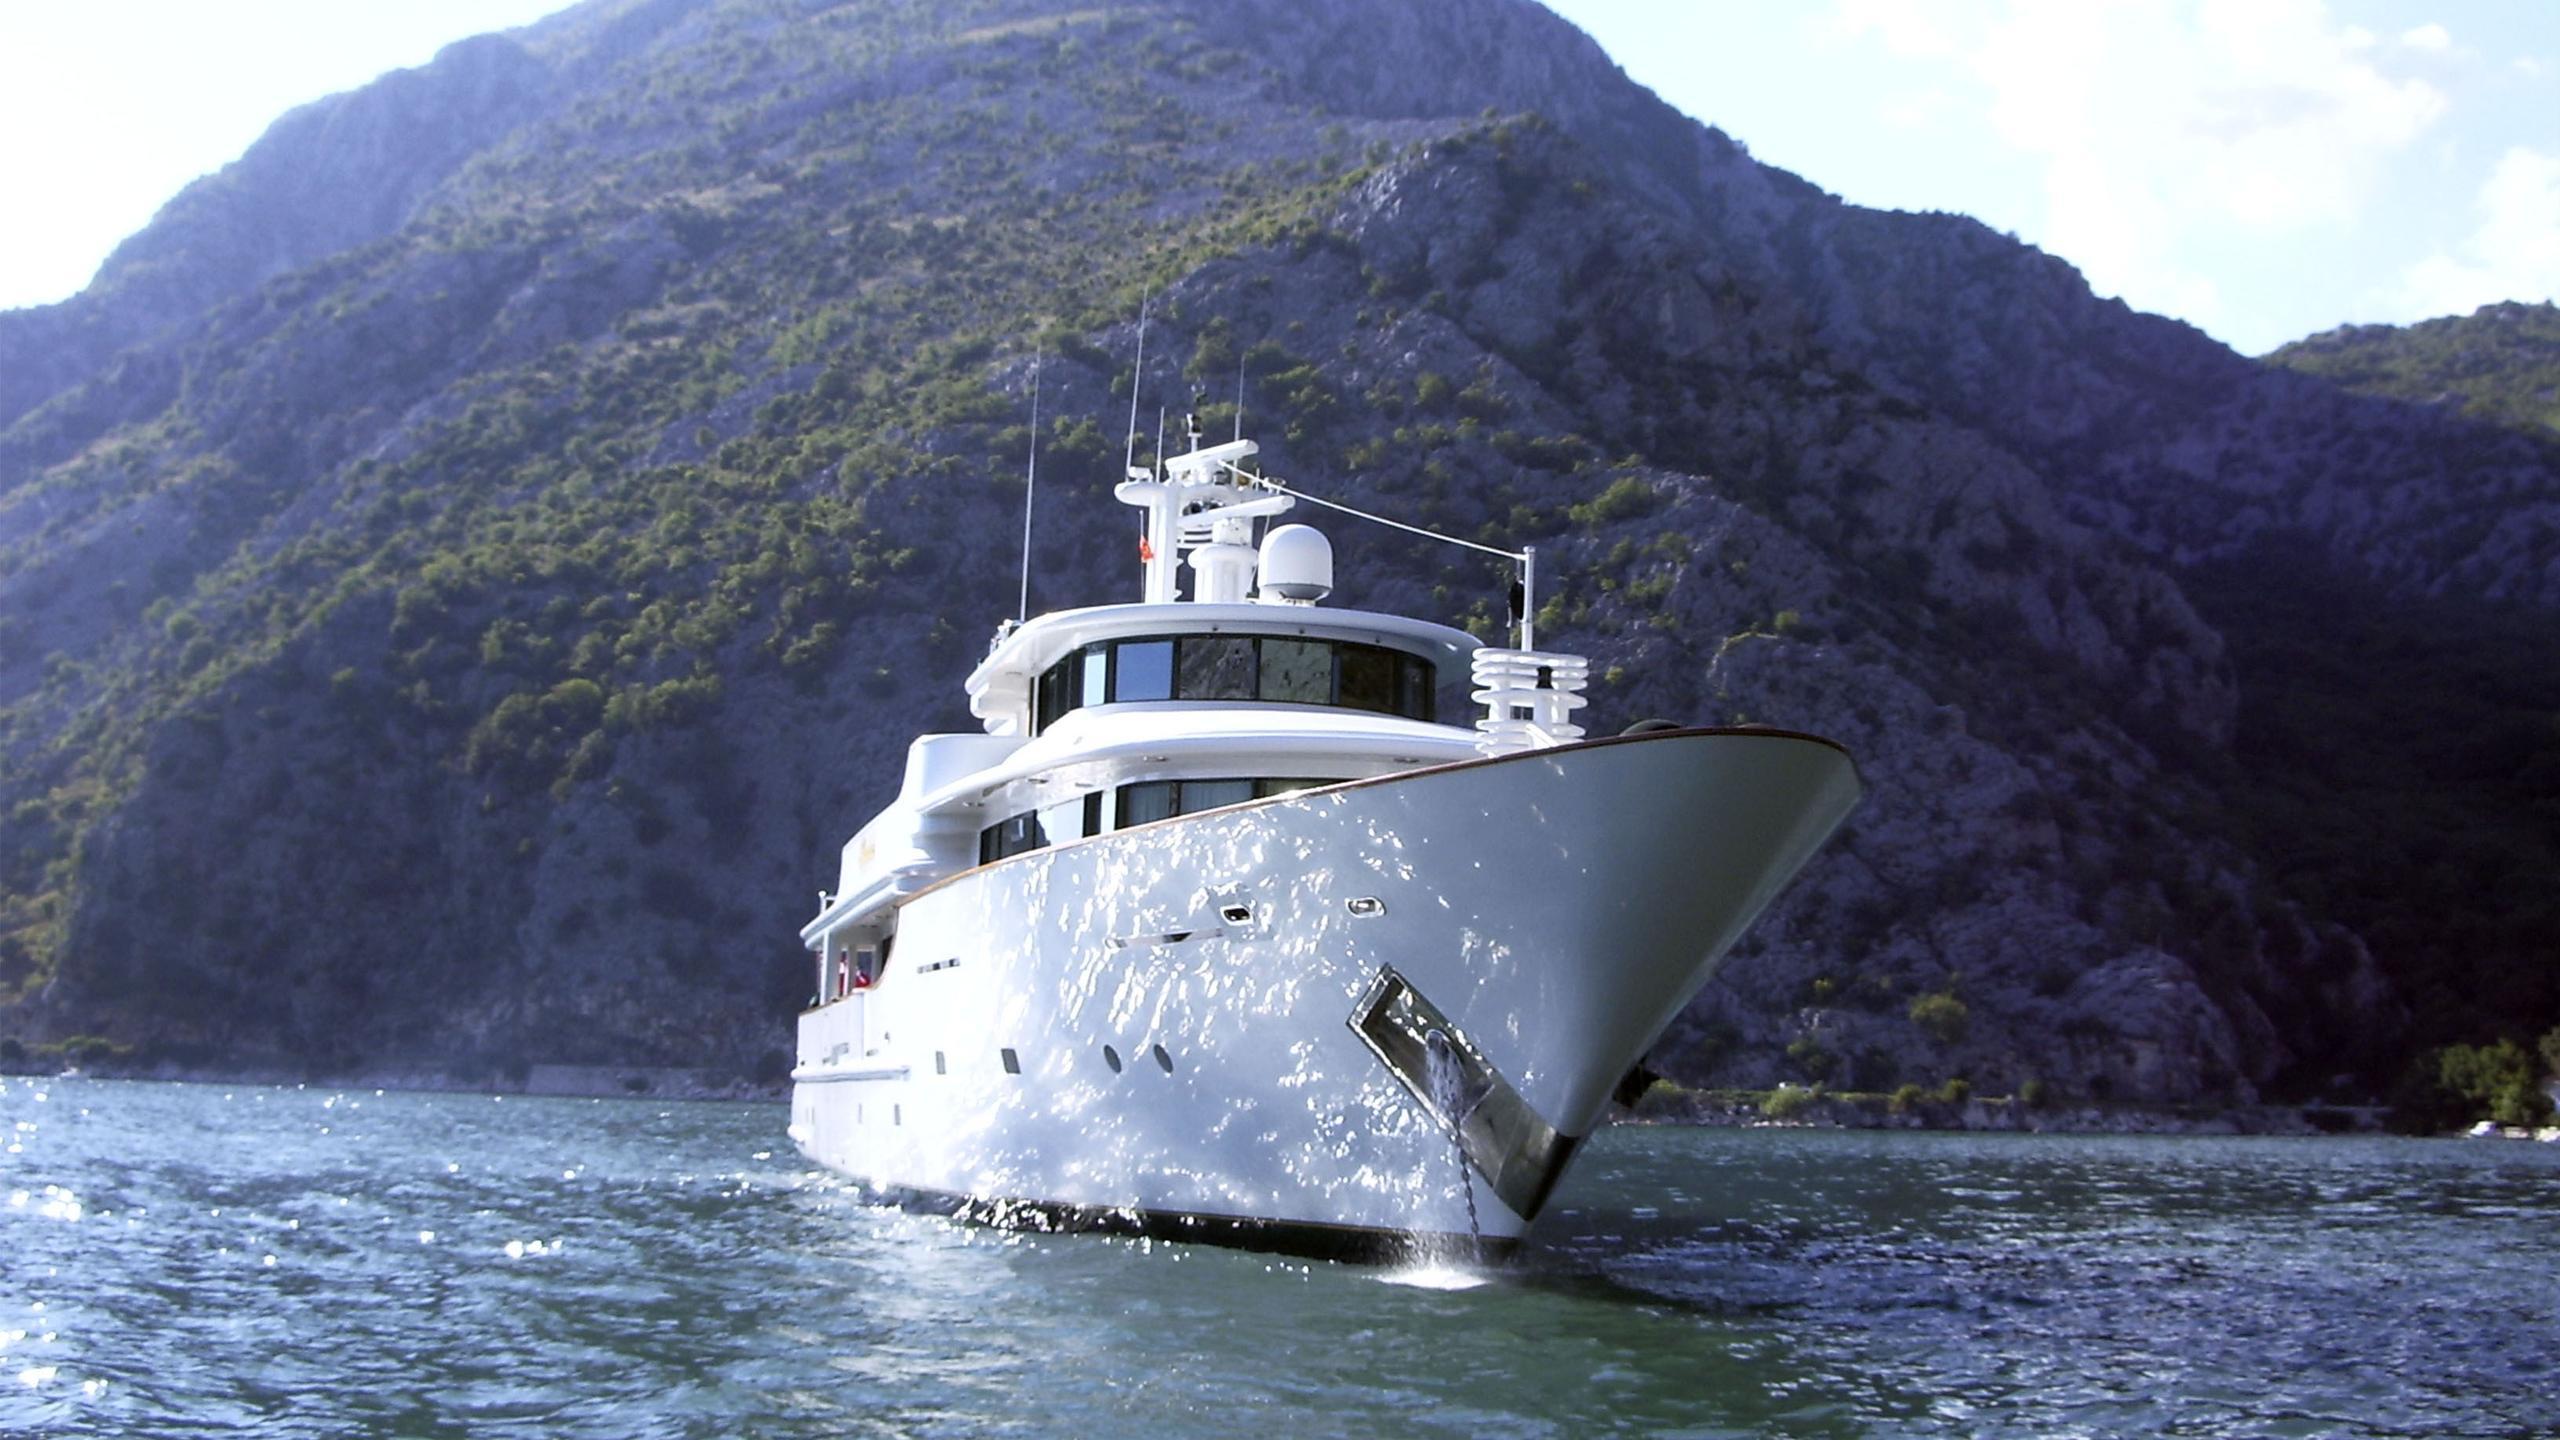 aquarius-yacht-at-anchor